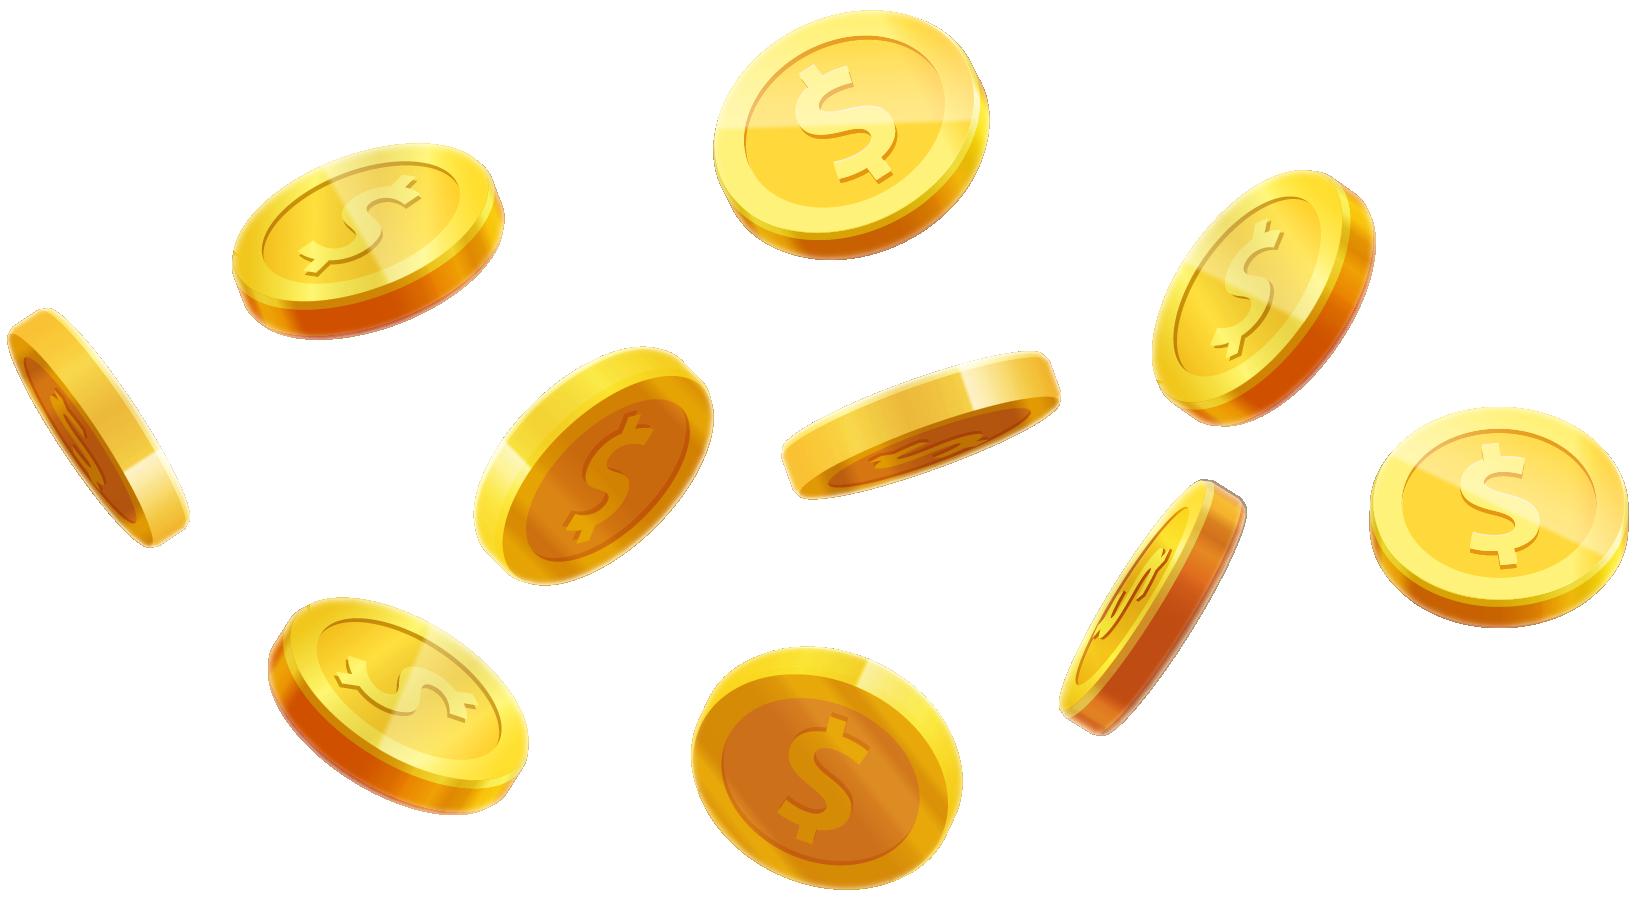 金色钱币漂浮元素